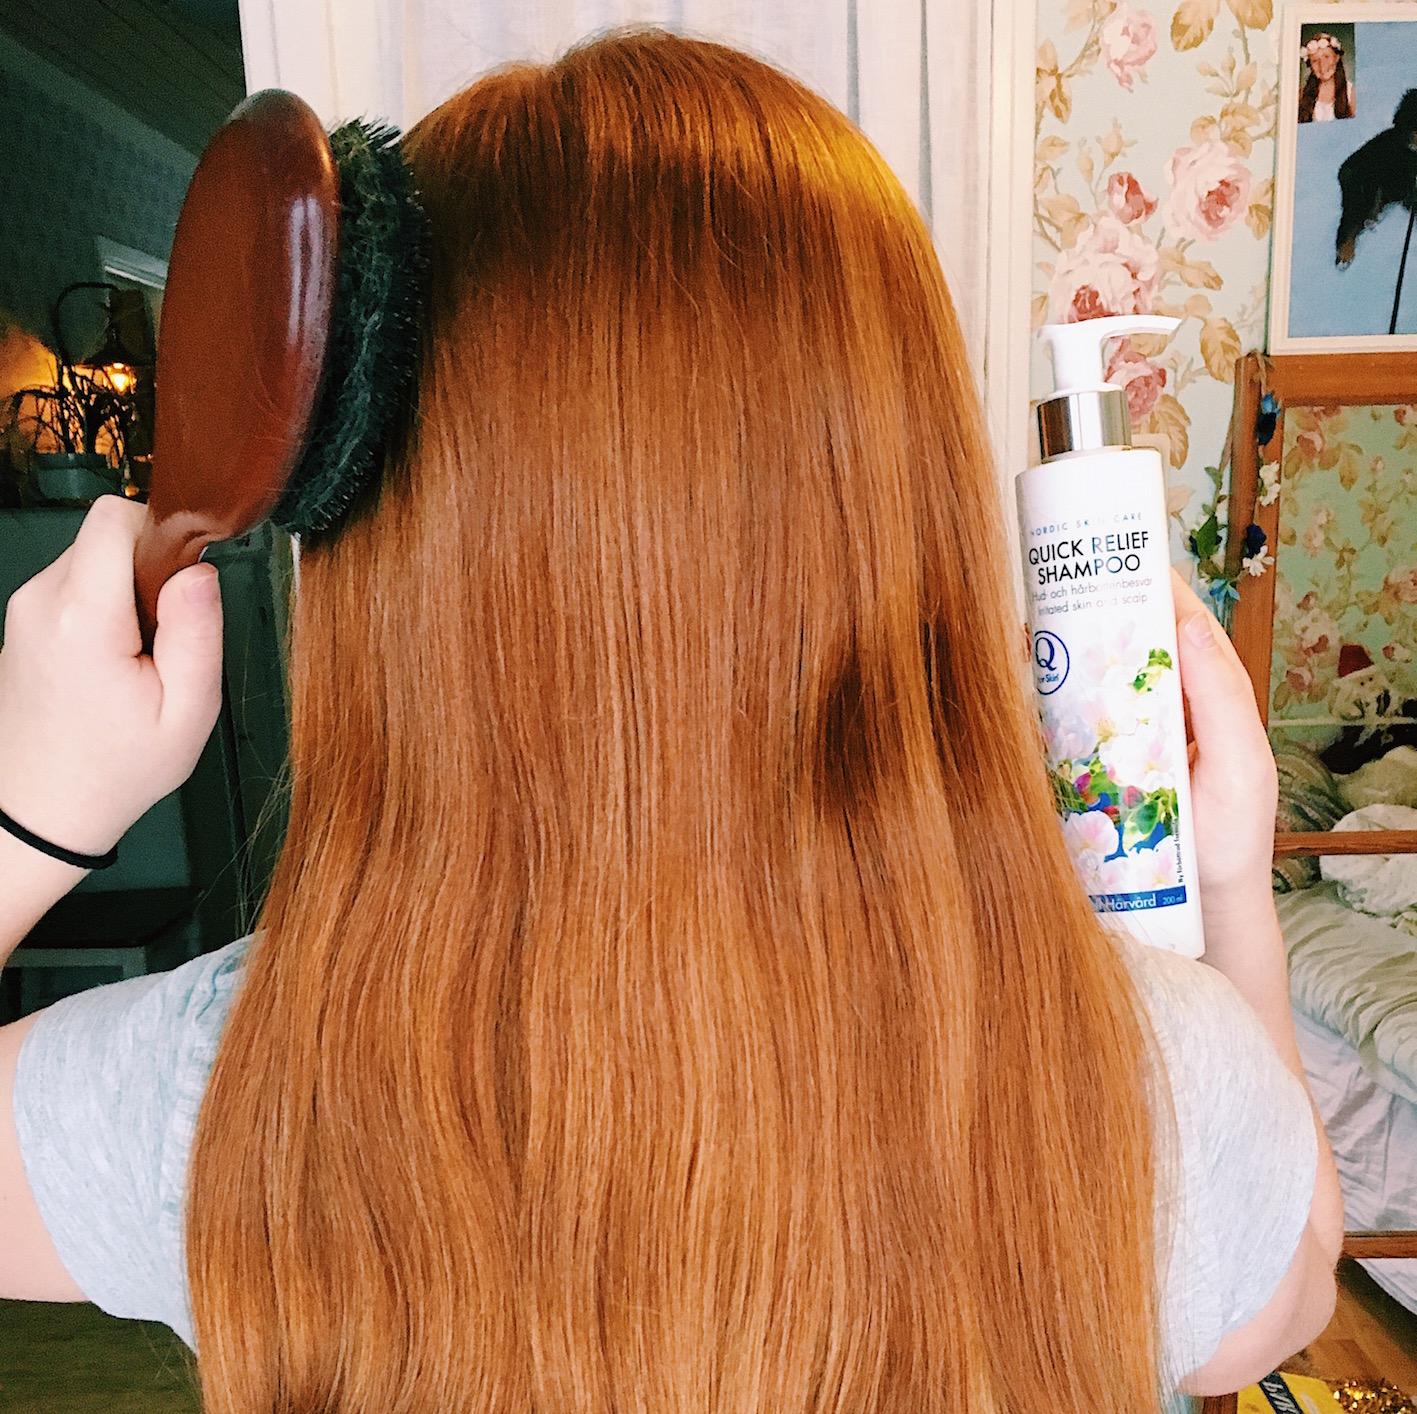 kliande hårbotten - blankt hår - q for skin - hårborste